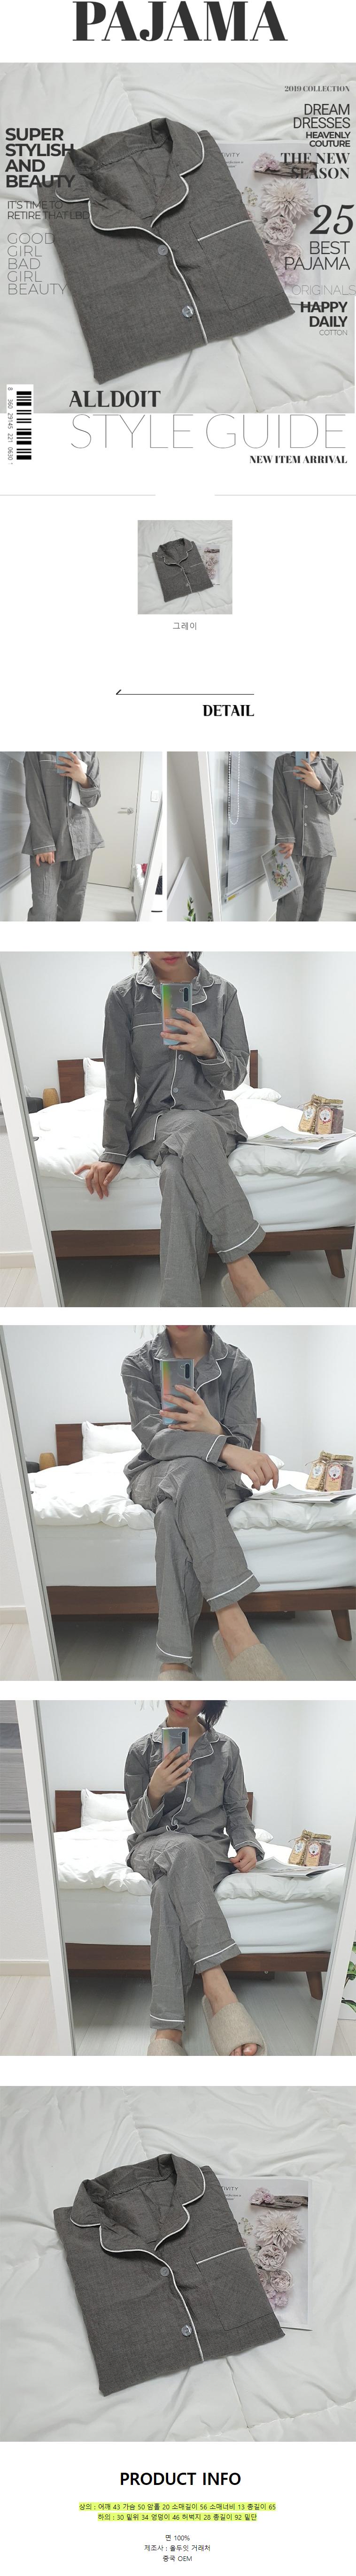 올두잇 데일리 체크 잠옷 - 꽃길, 24,900원, 잠옷, 여성파자마